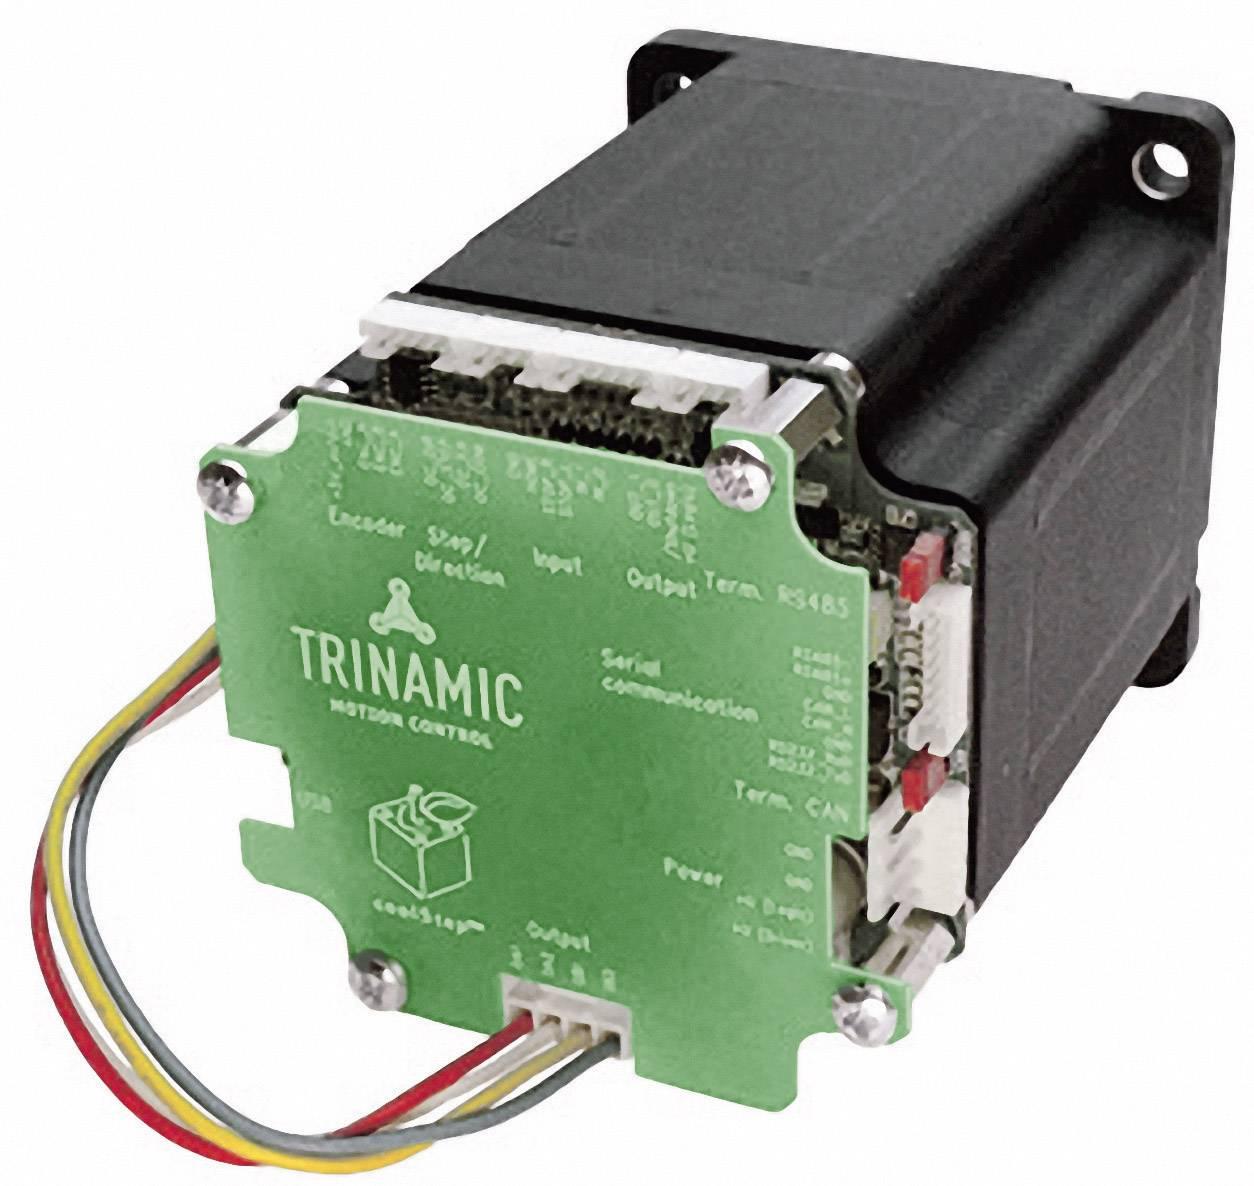 Krokový motor s řízením PANdrive Trinamic PD86-3-1180-TMCL (30-0164), Ø hřídele 12,7 mm